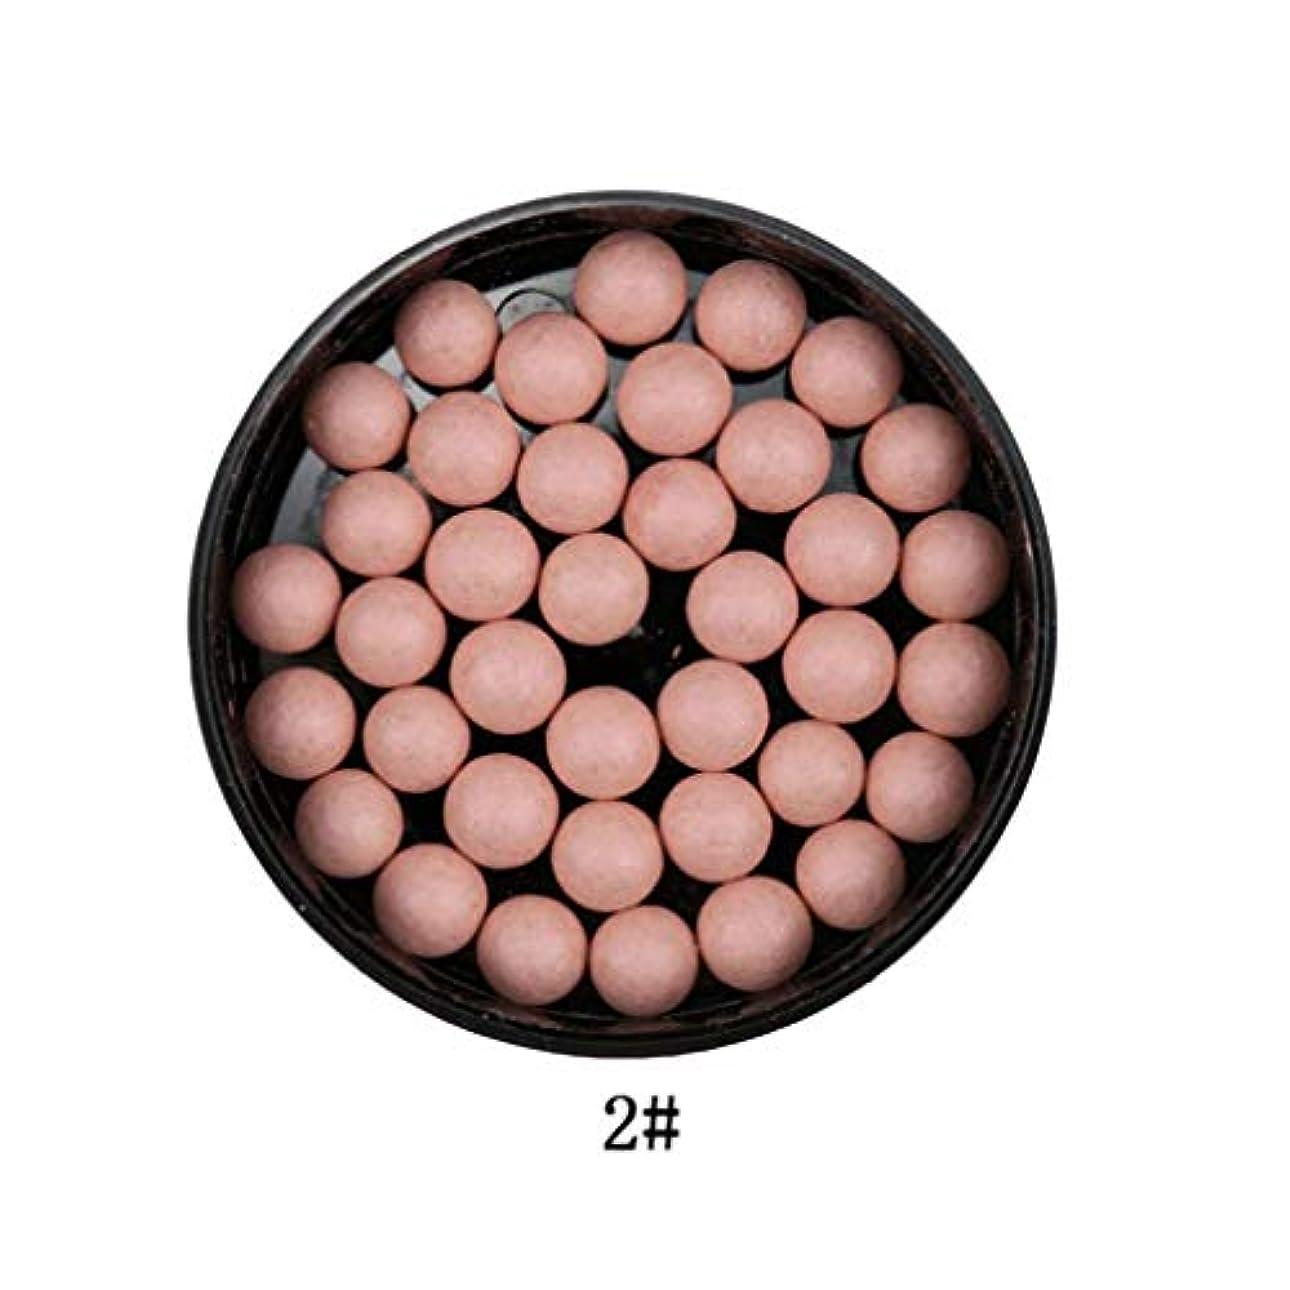 相対サイズどこ価値のない3では1ポータブルブラッシュロングラスティング顔料マットナチュラルフェイスブラッシュボールオイルコントロール輪郭ブラッシュブロンザー